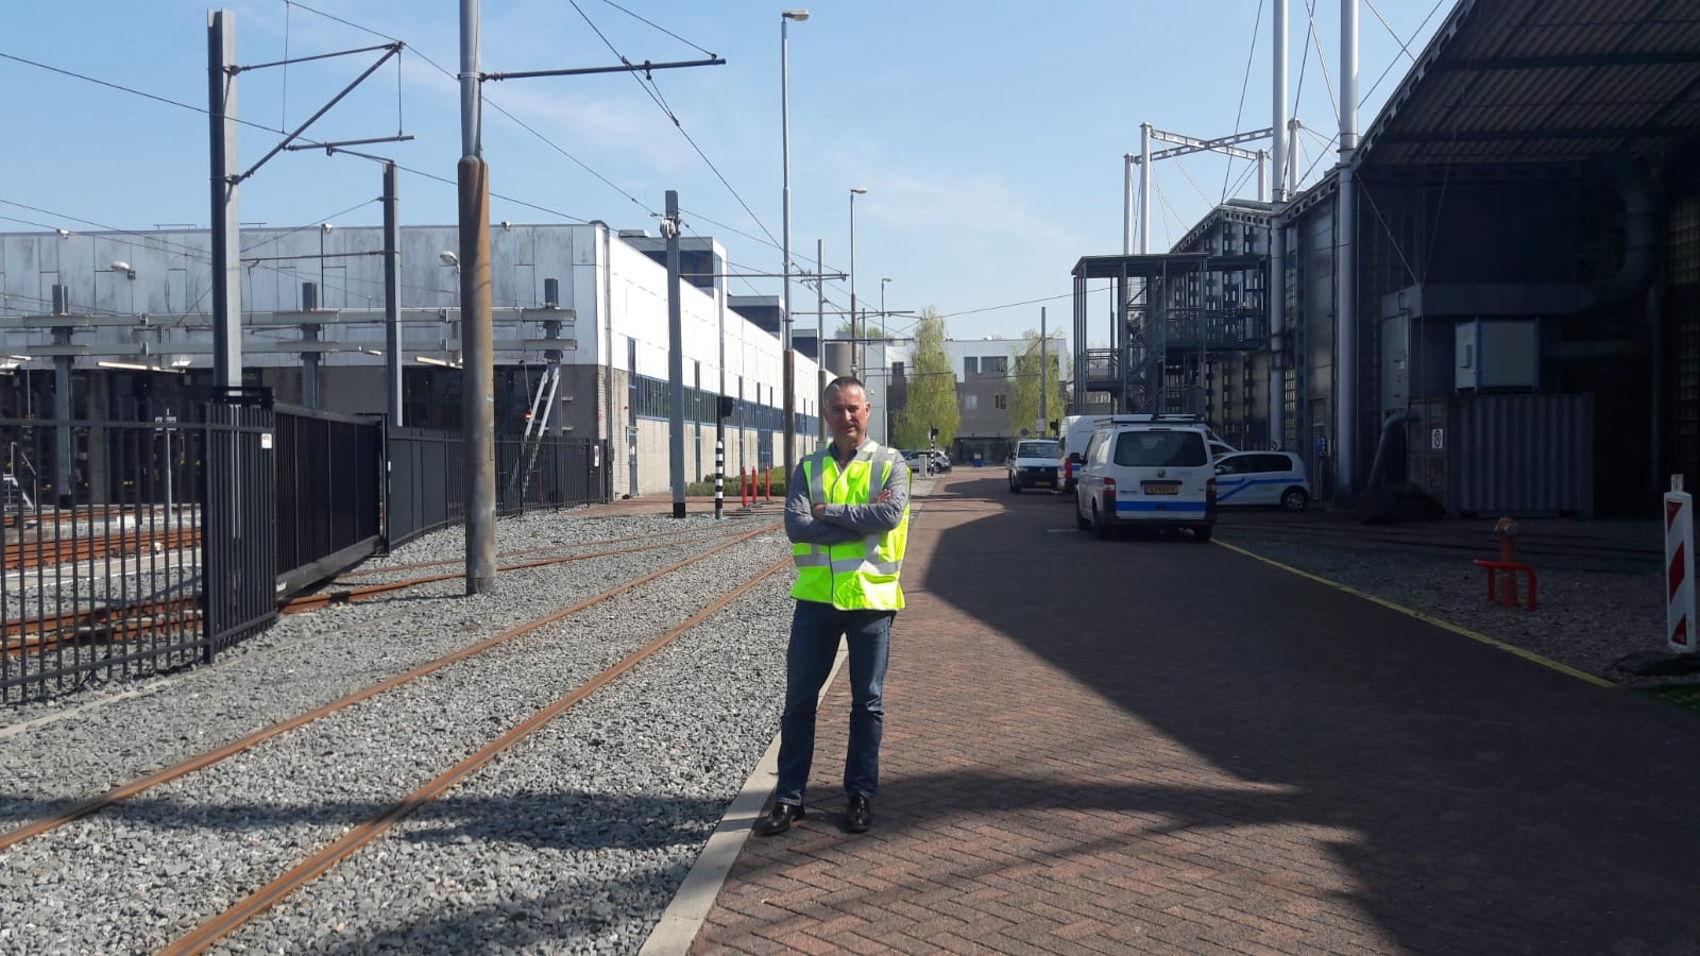 Sjir Boesten, testmanager GVB bij spoor op HWR in Diemen